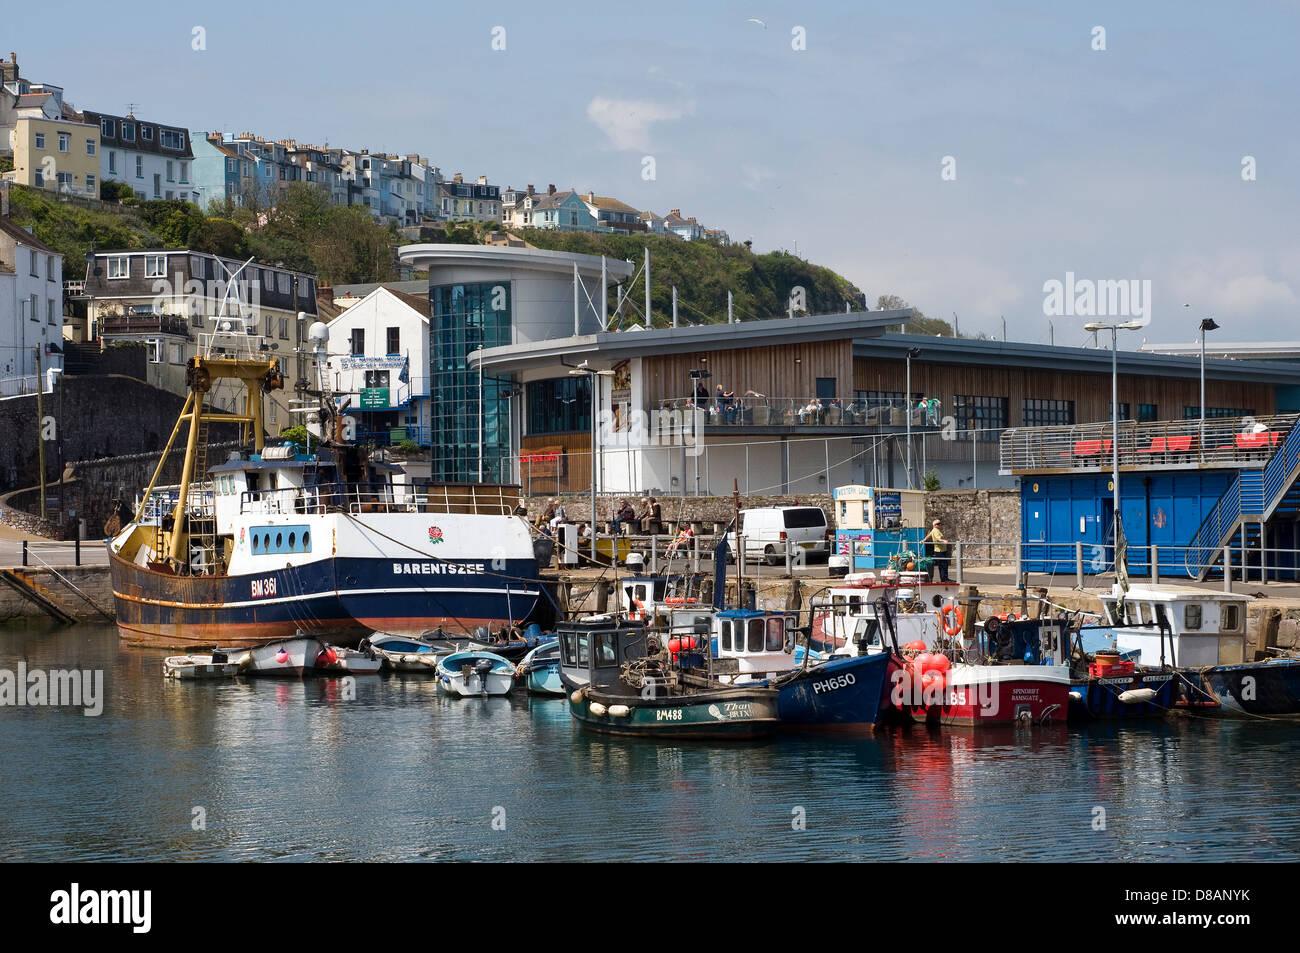 Fishtown,Brixham,beach, dock, boating, docking, boat, lake, fishing, old, rowboat, rowing, row, water, coast, shore, - Stock Image